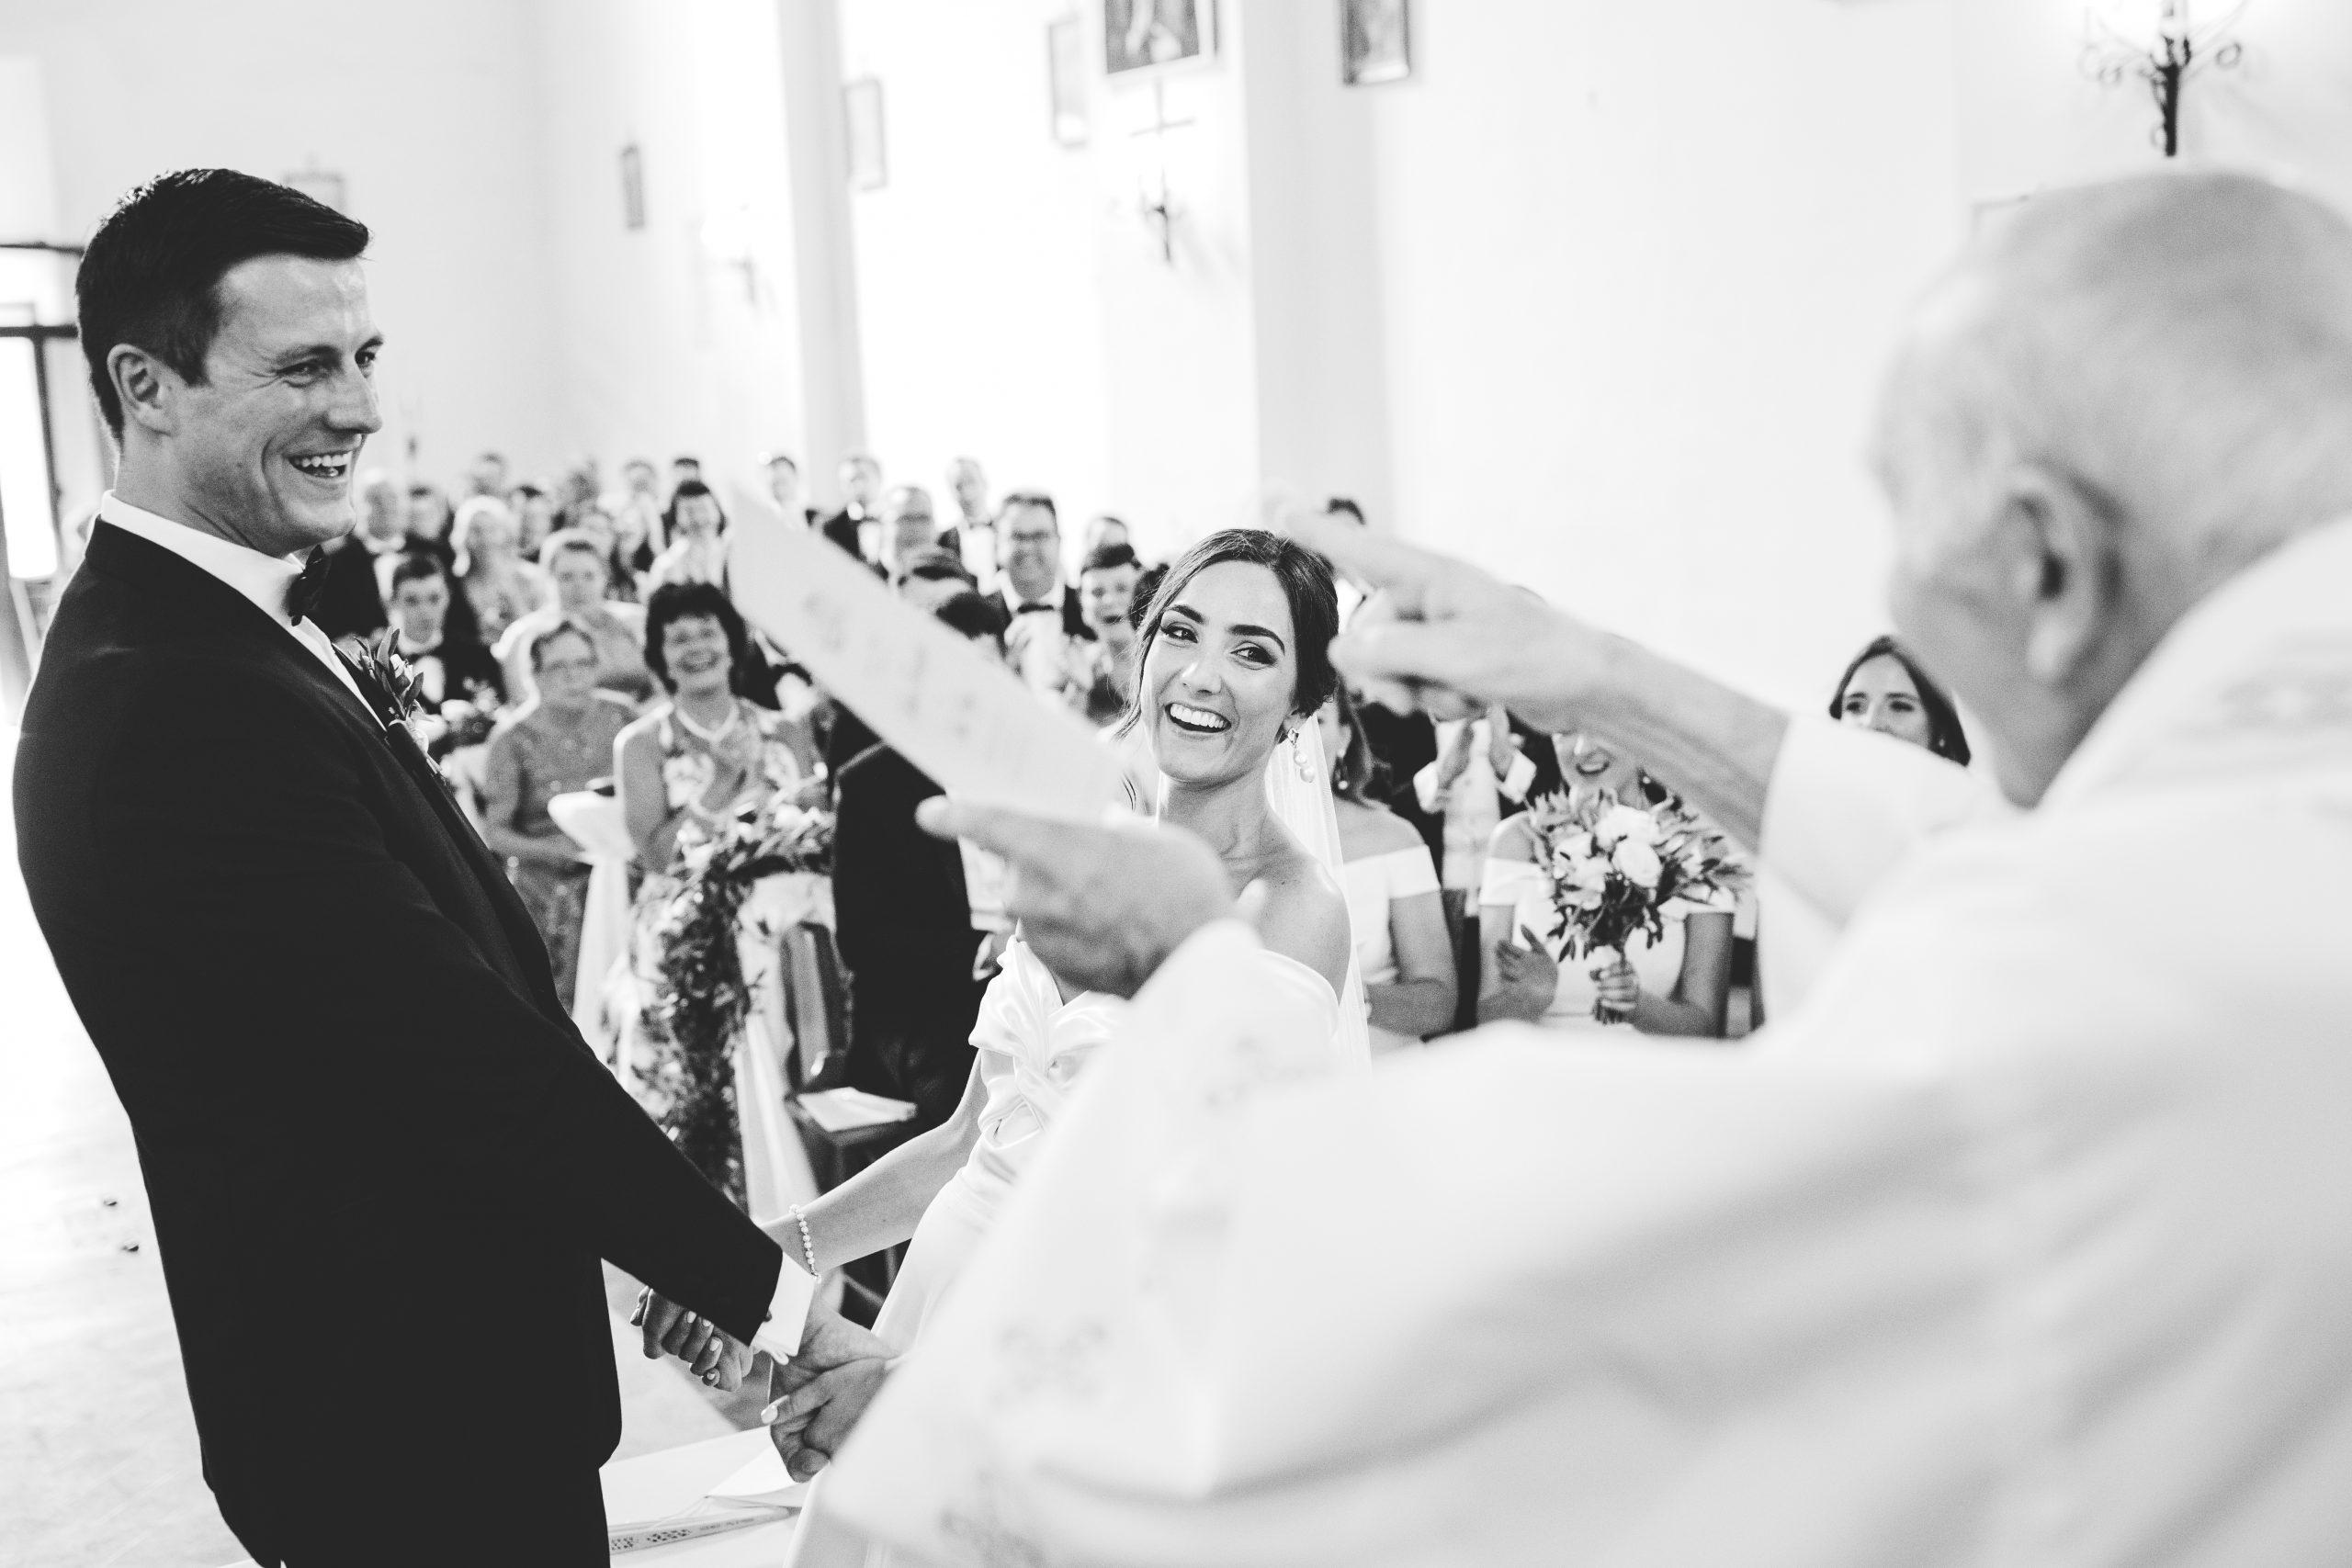 Borgo di Tragliata irish wedding – You may now kiss the bride